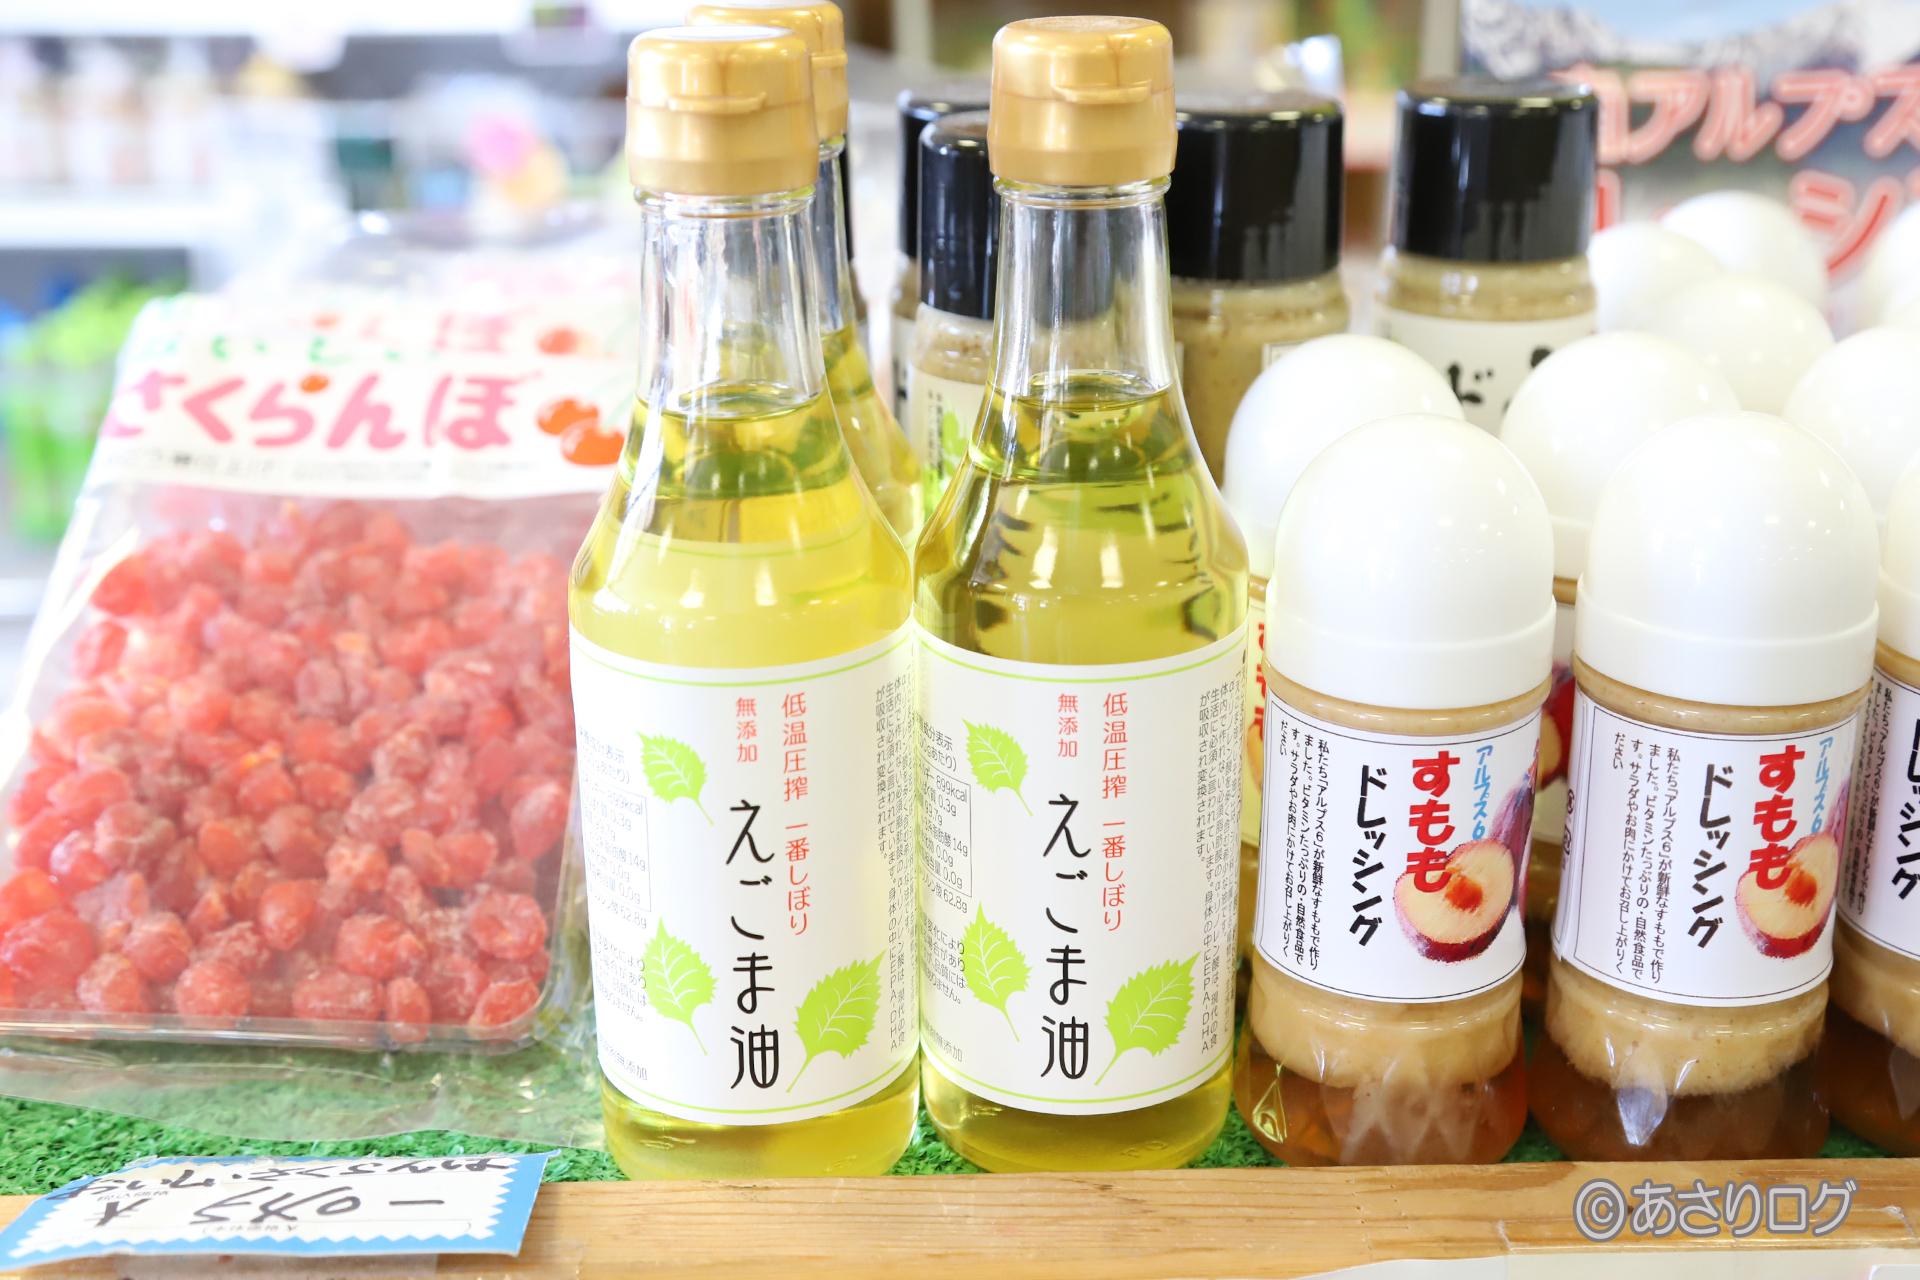 yamanashi egoma oil